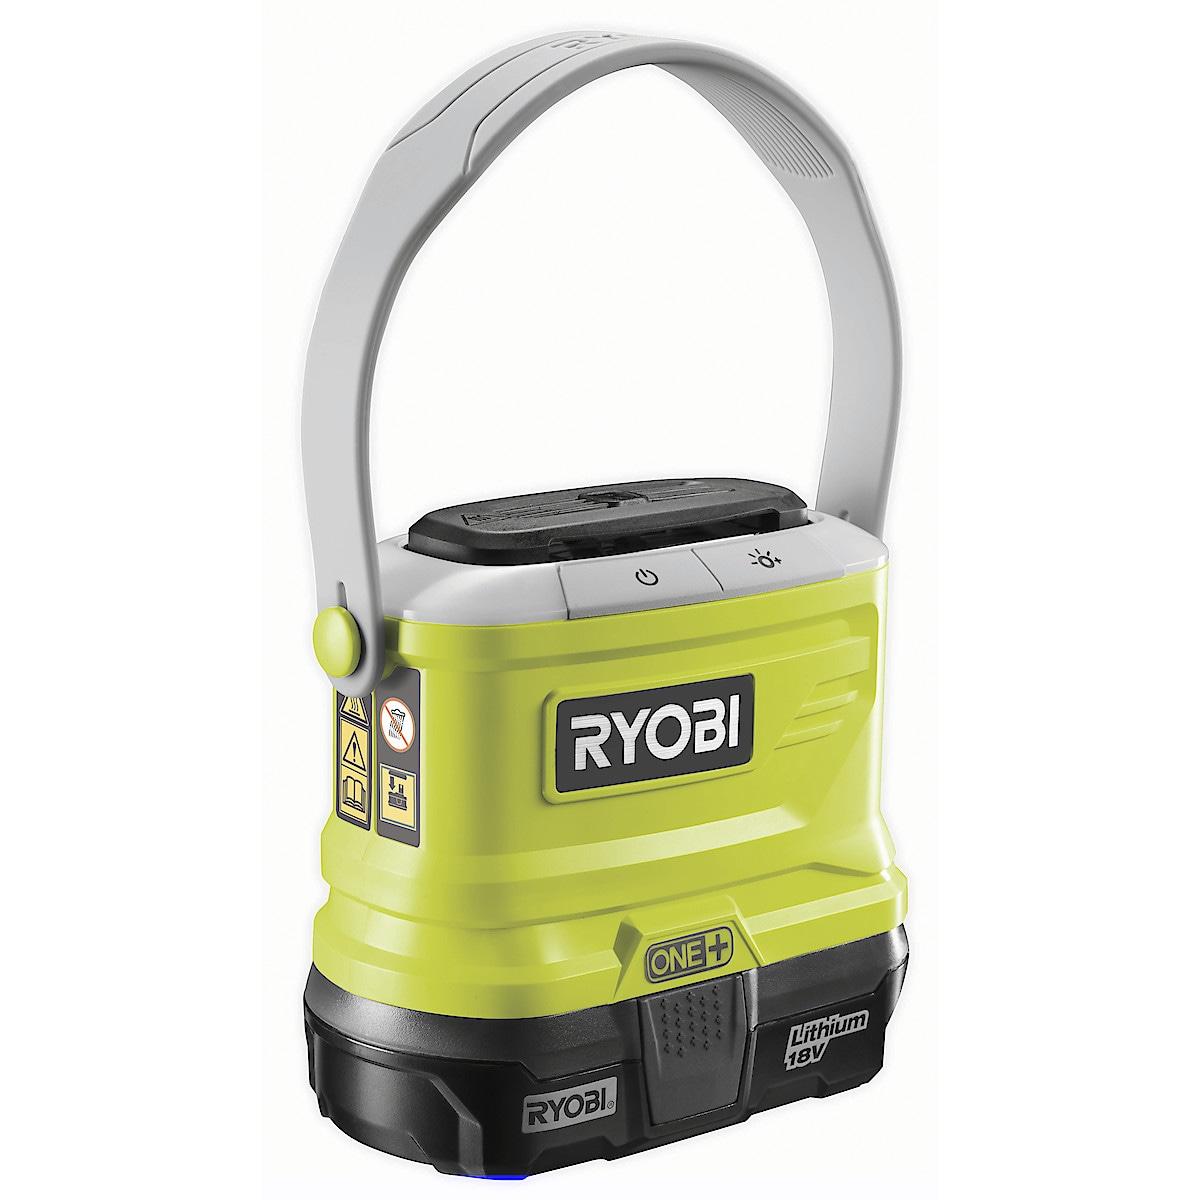 Ryobi RBR180013 myggjager, 18 V